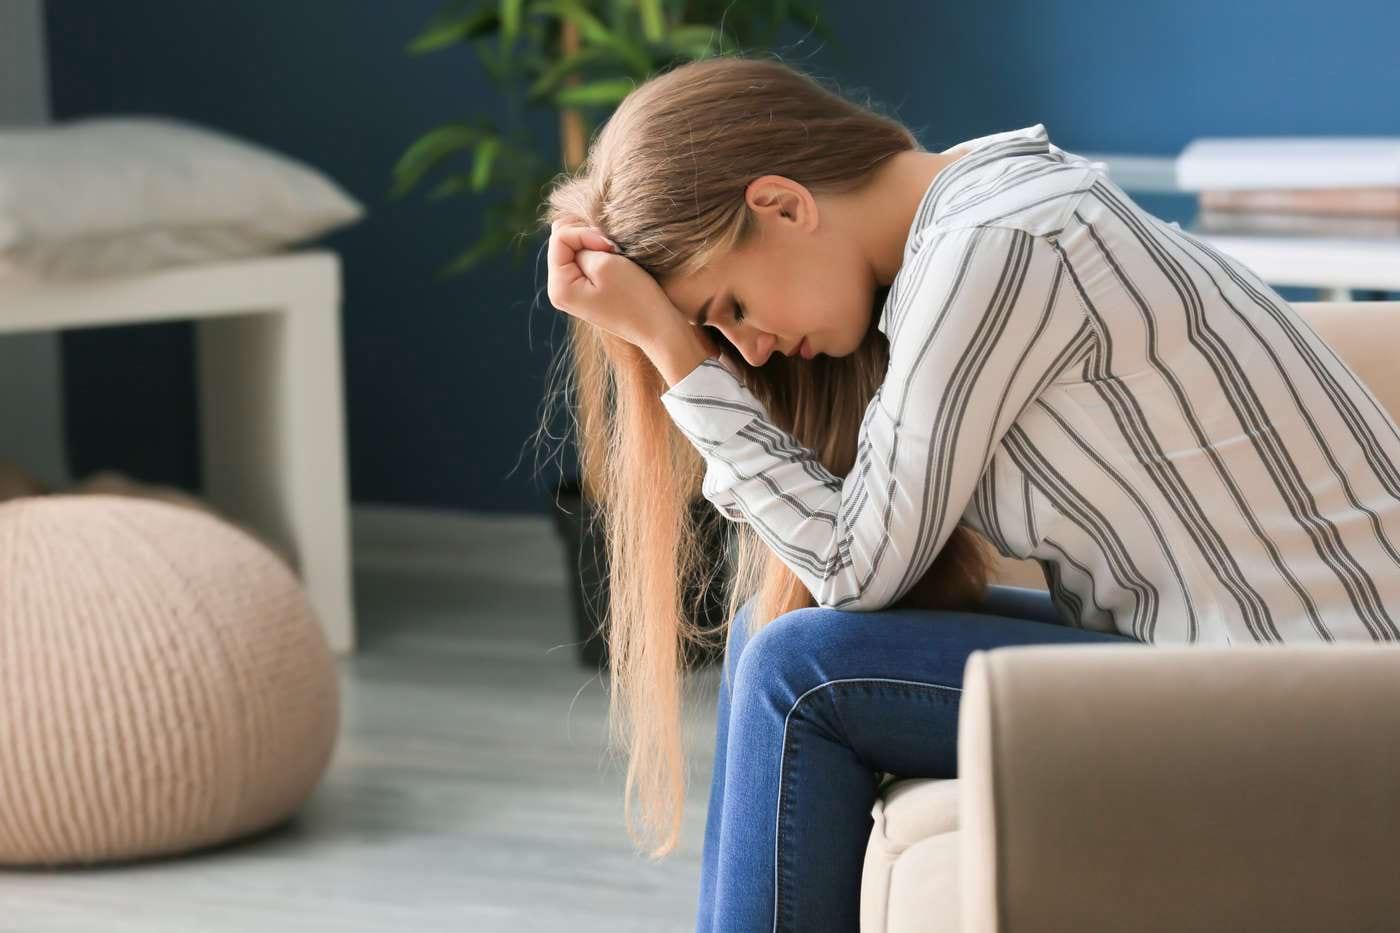 Teama că se va întâmpla ceva rău - cum gestionezi această tulburare anxioasă